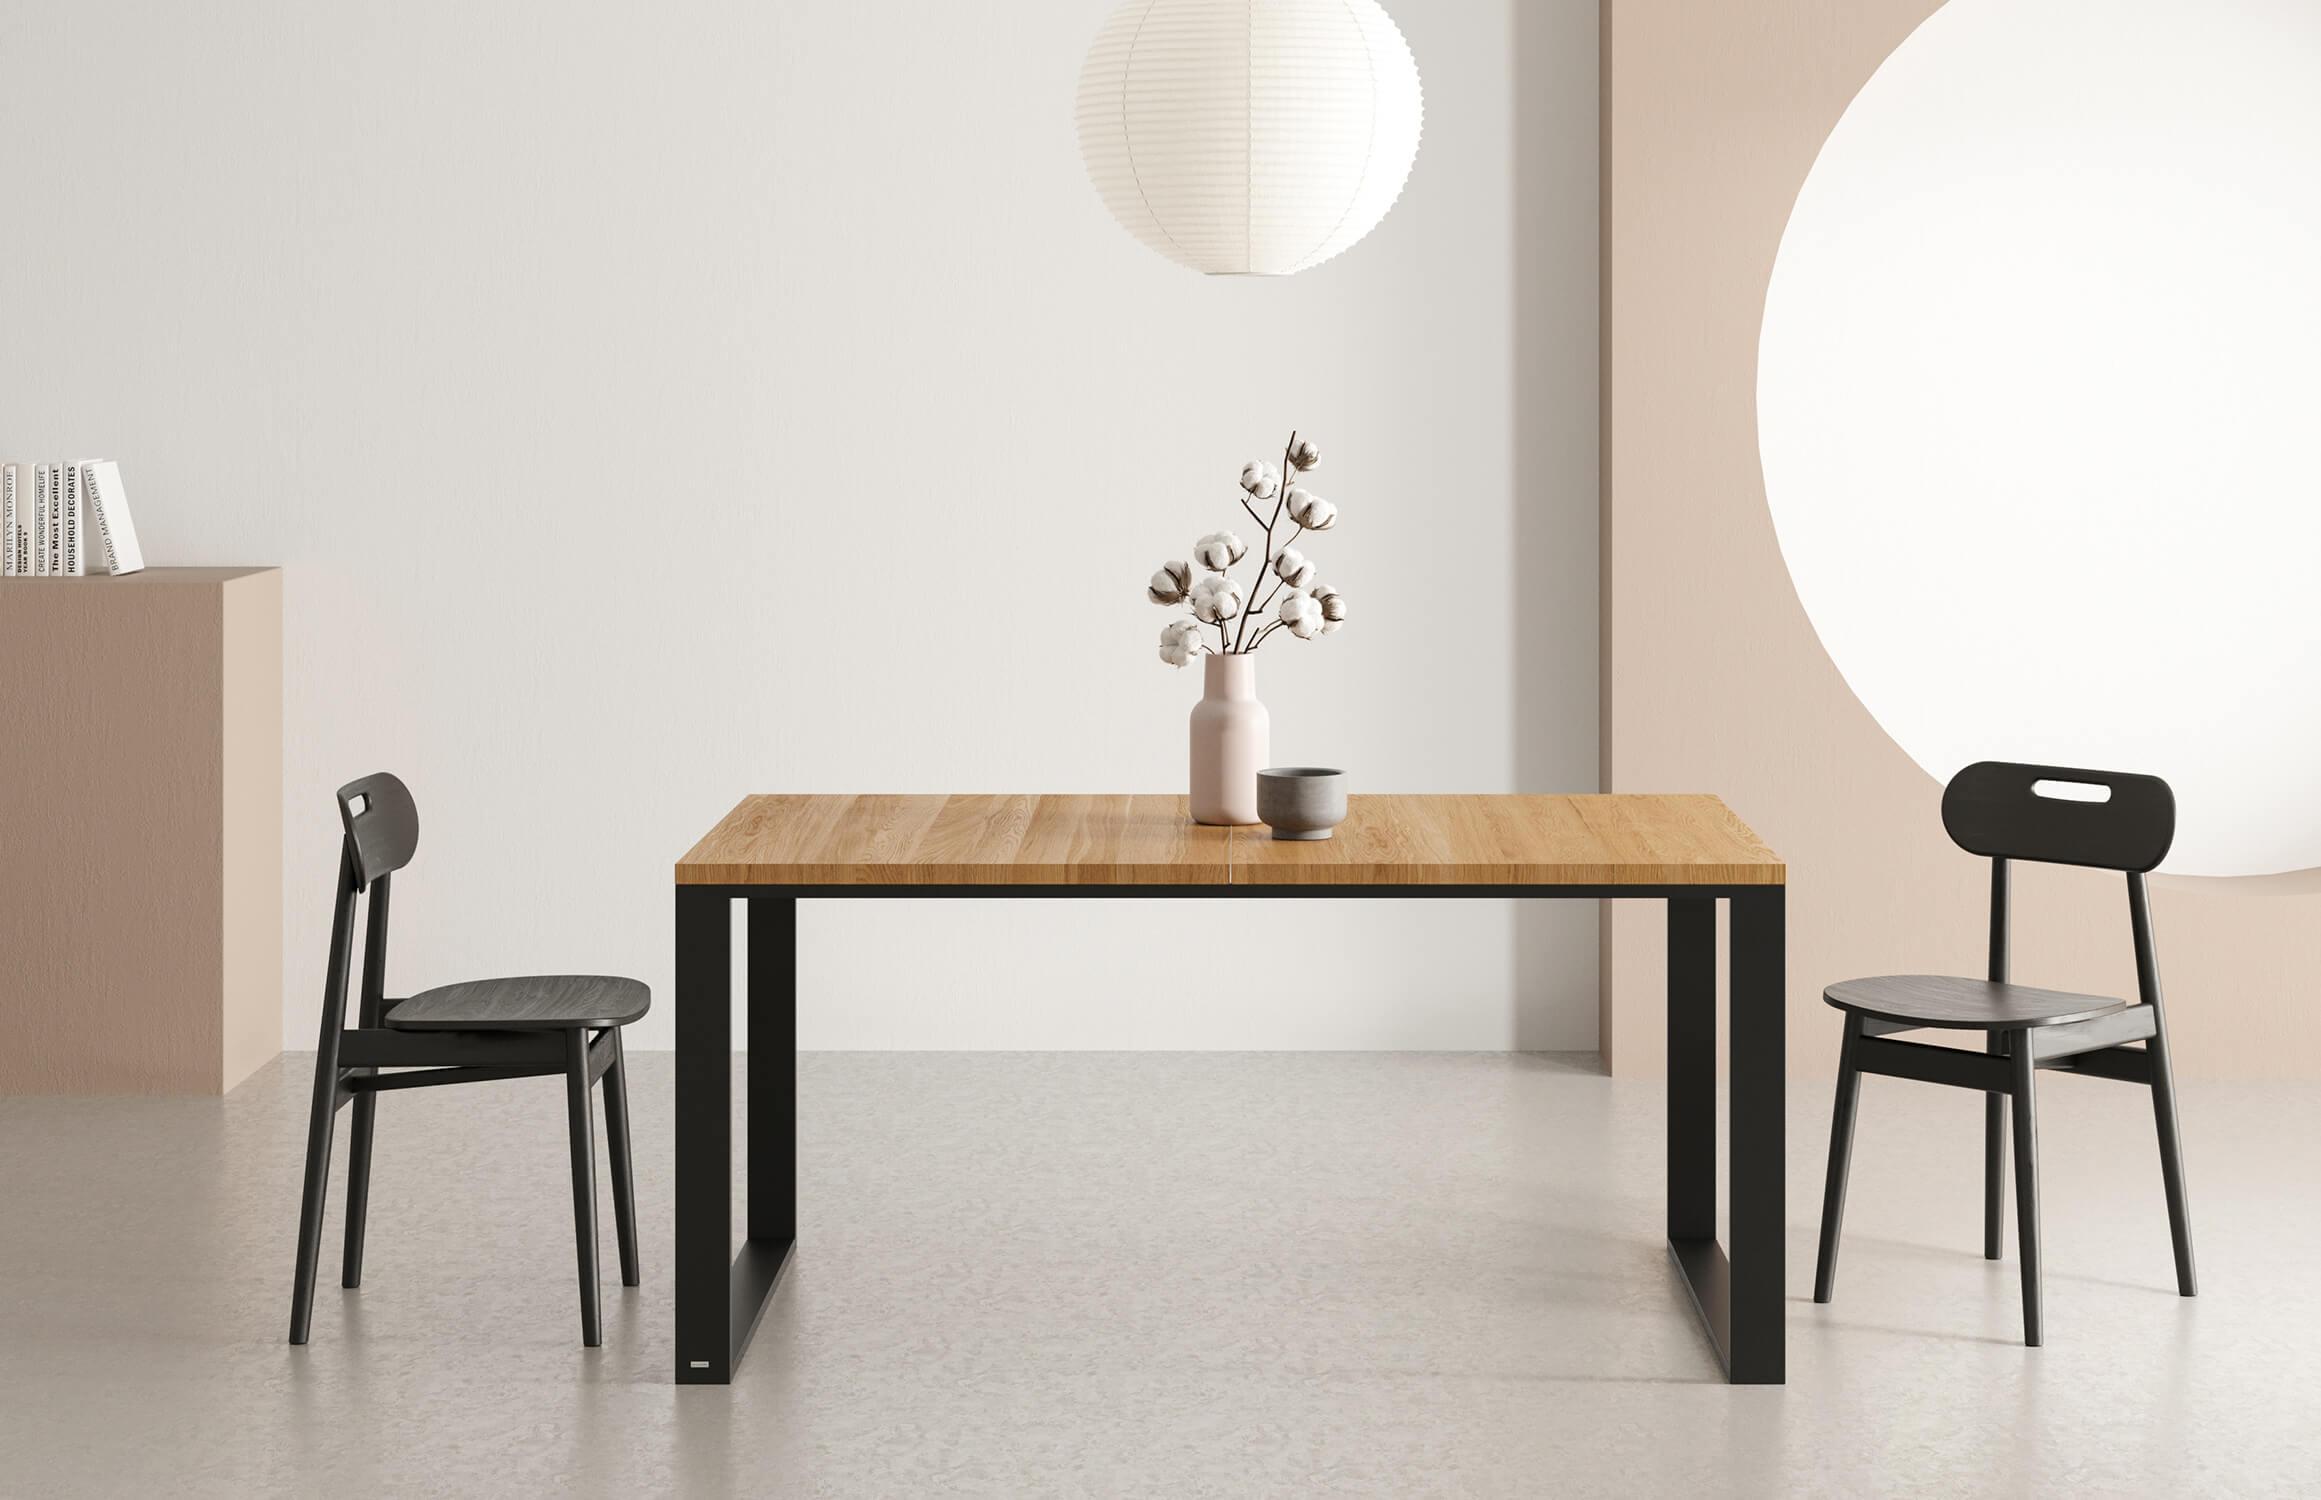 stol rozkladany nowoczesny czarny blat debowy